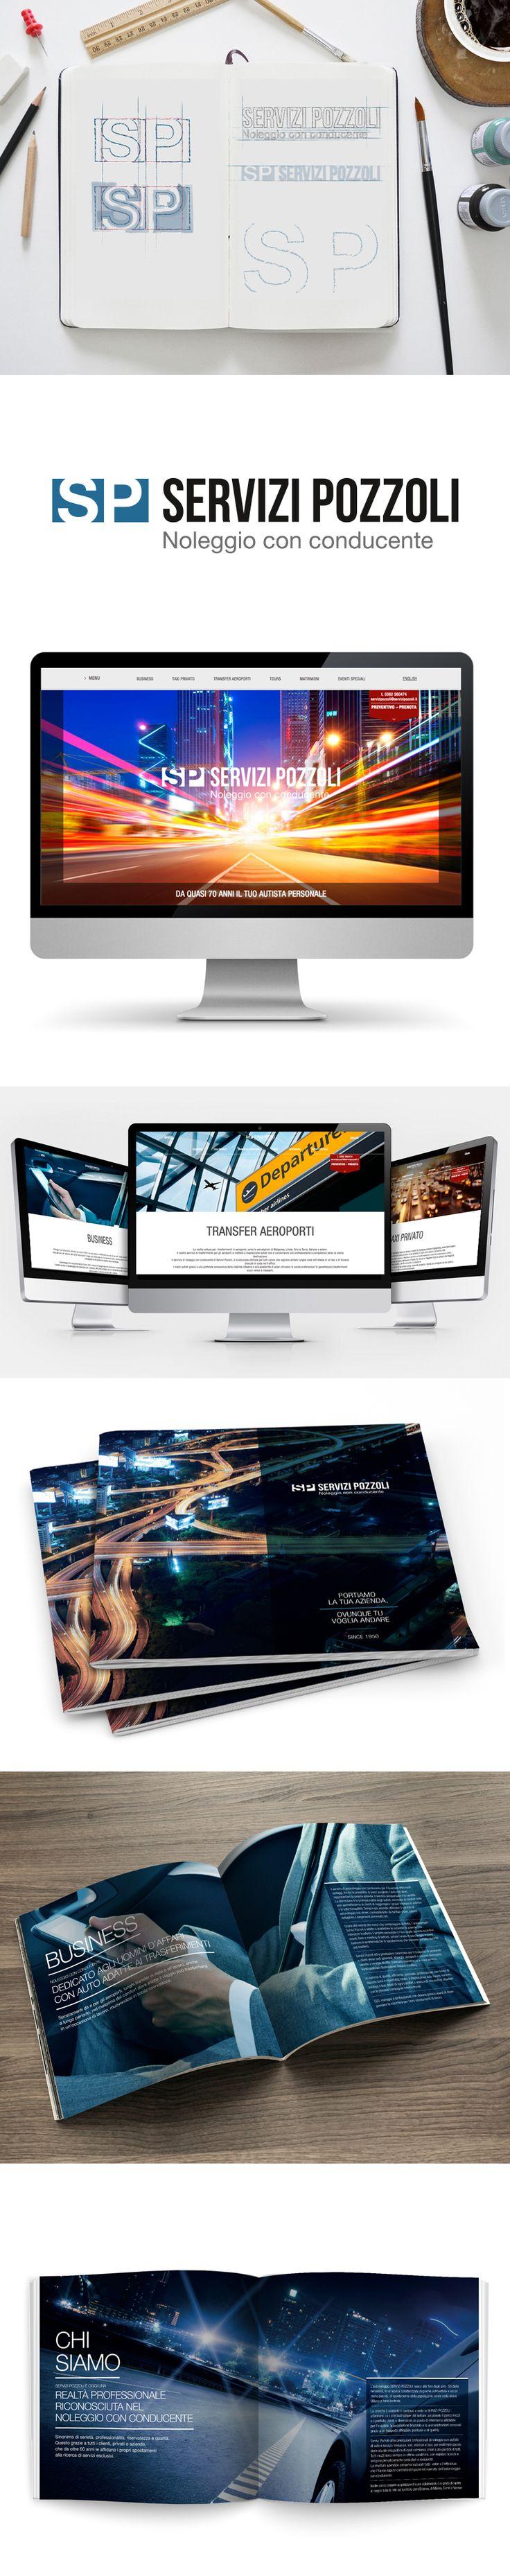 Per Servizi Pozzoli, noleggio con conducente, b_centric ha studiato logo, sito web e brochure aziendale, il tutto mantenendo oltre a una grafica coordinata, anche un linguaggio conciso ed efficace.